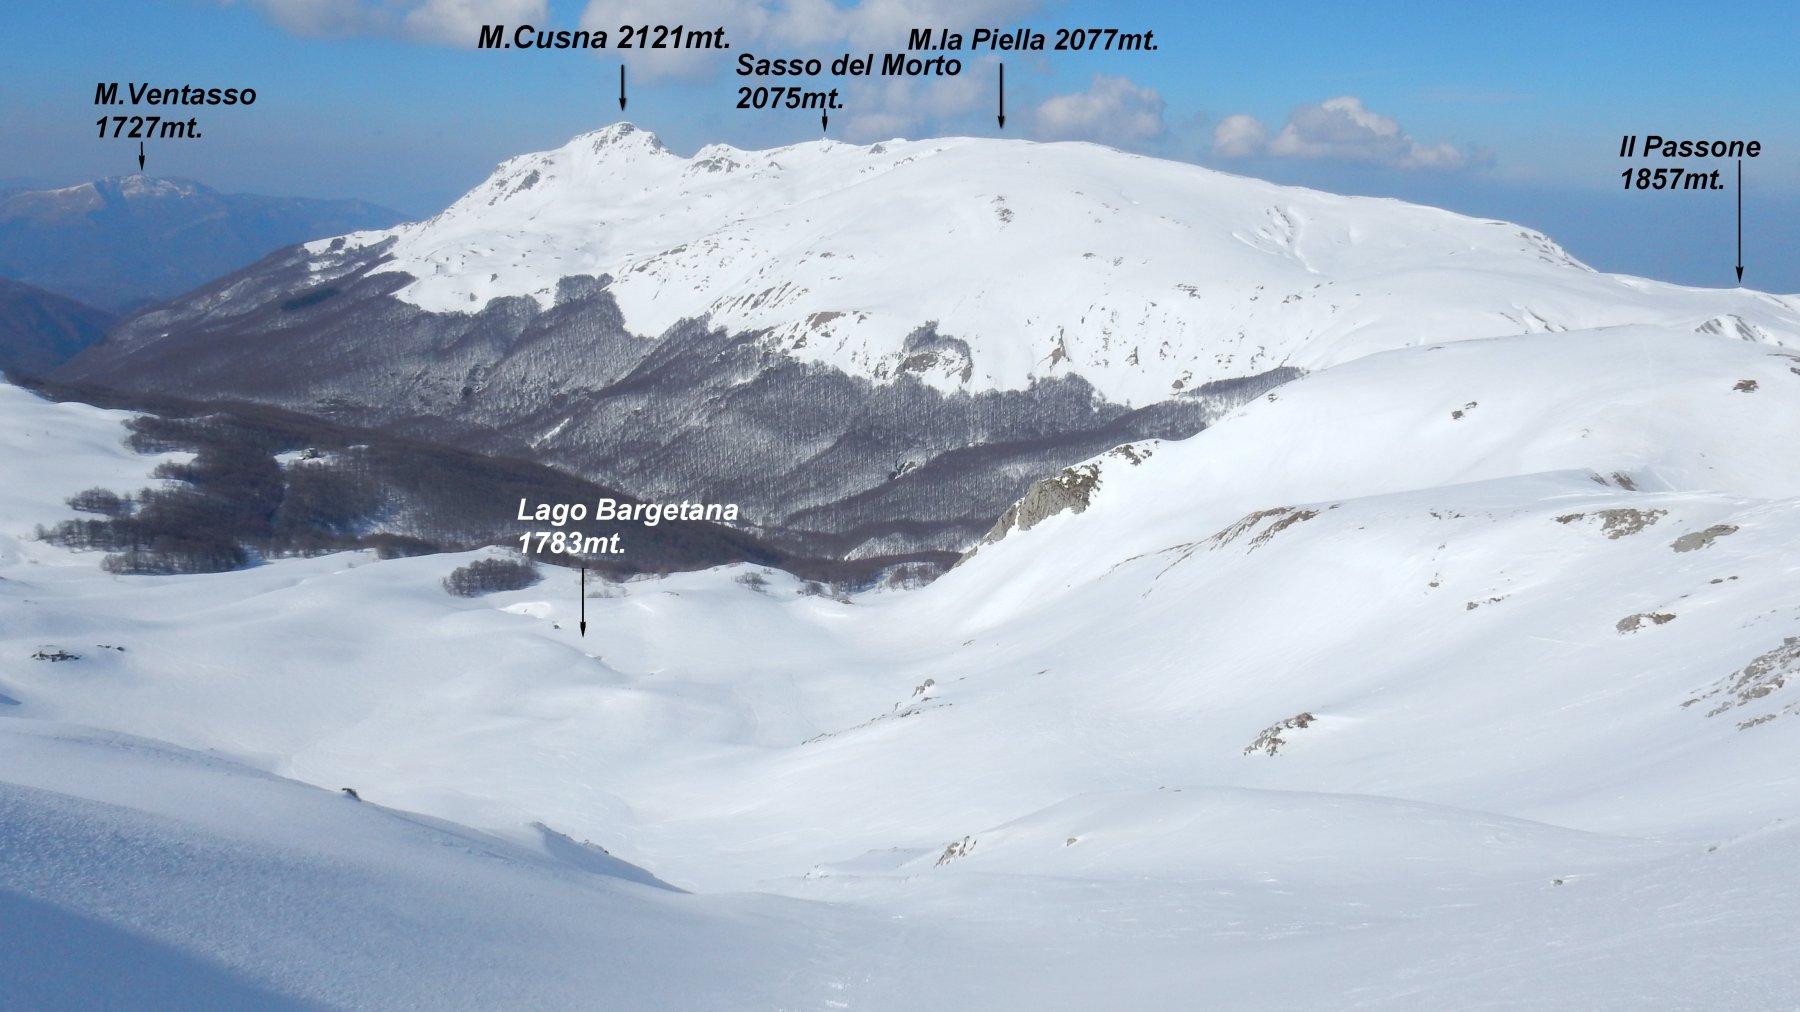 Panorama dalla cima del M.Prado 2054mt. sul M.Cusna.